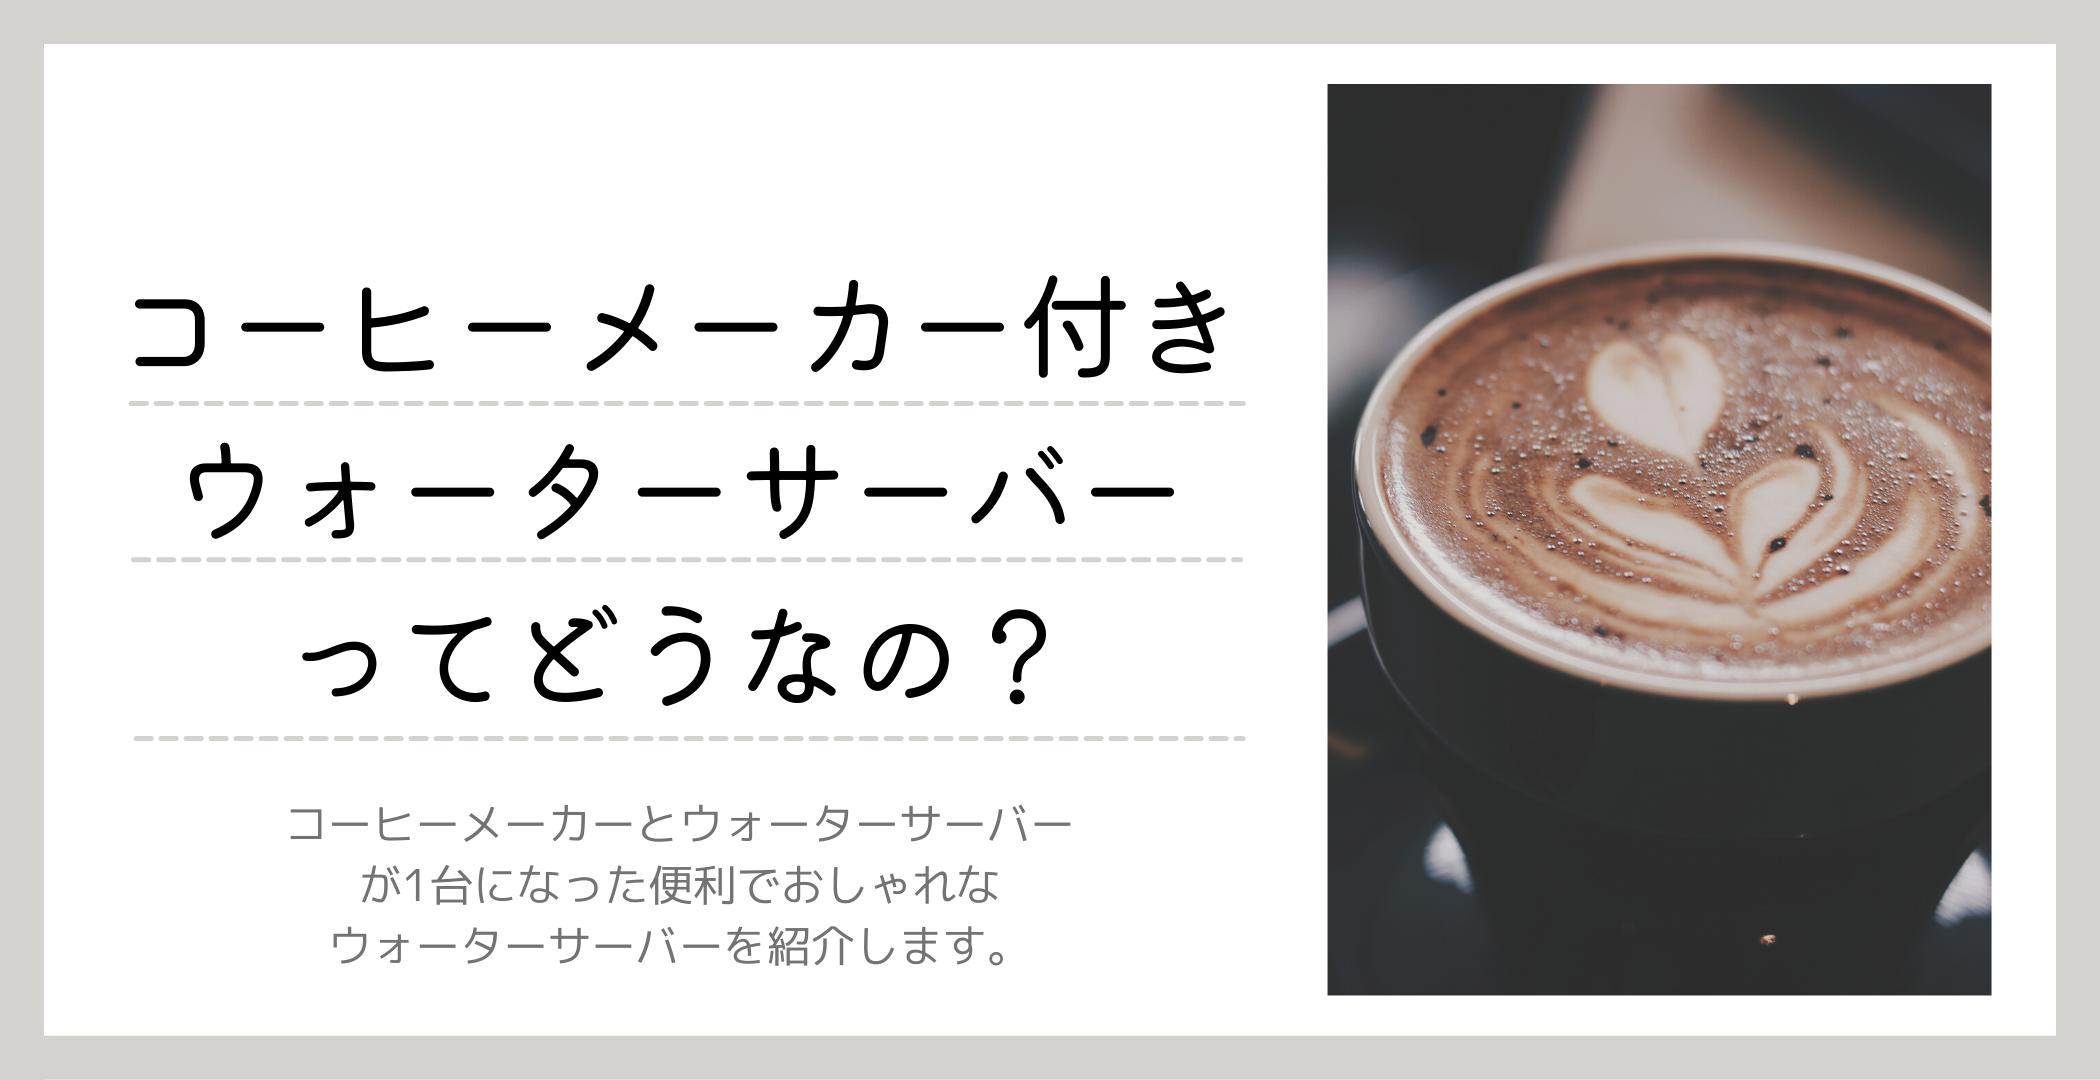 【2社比較】コーヒー機能付きウォーターサーバーを徹底解説!